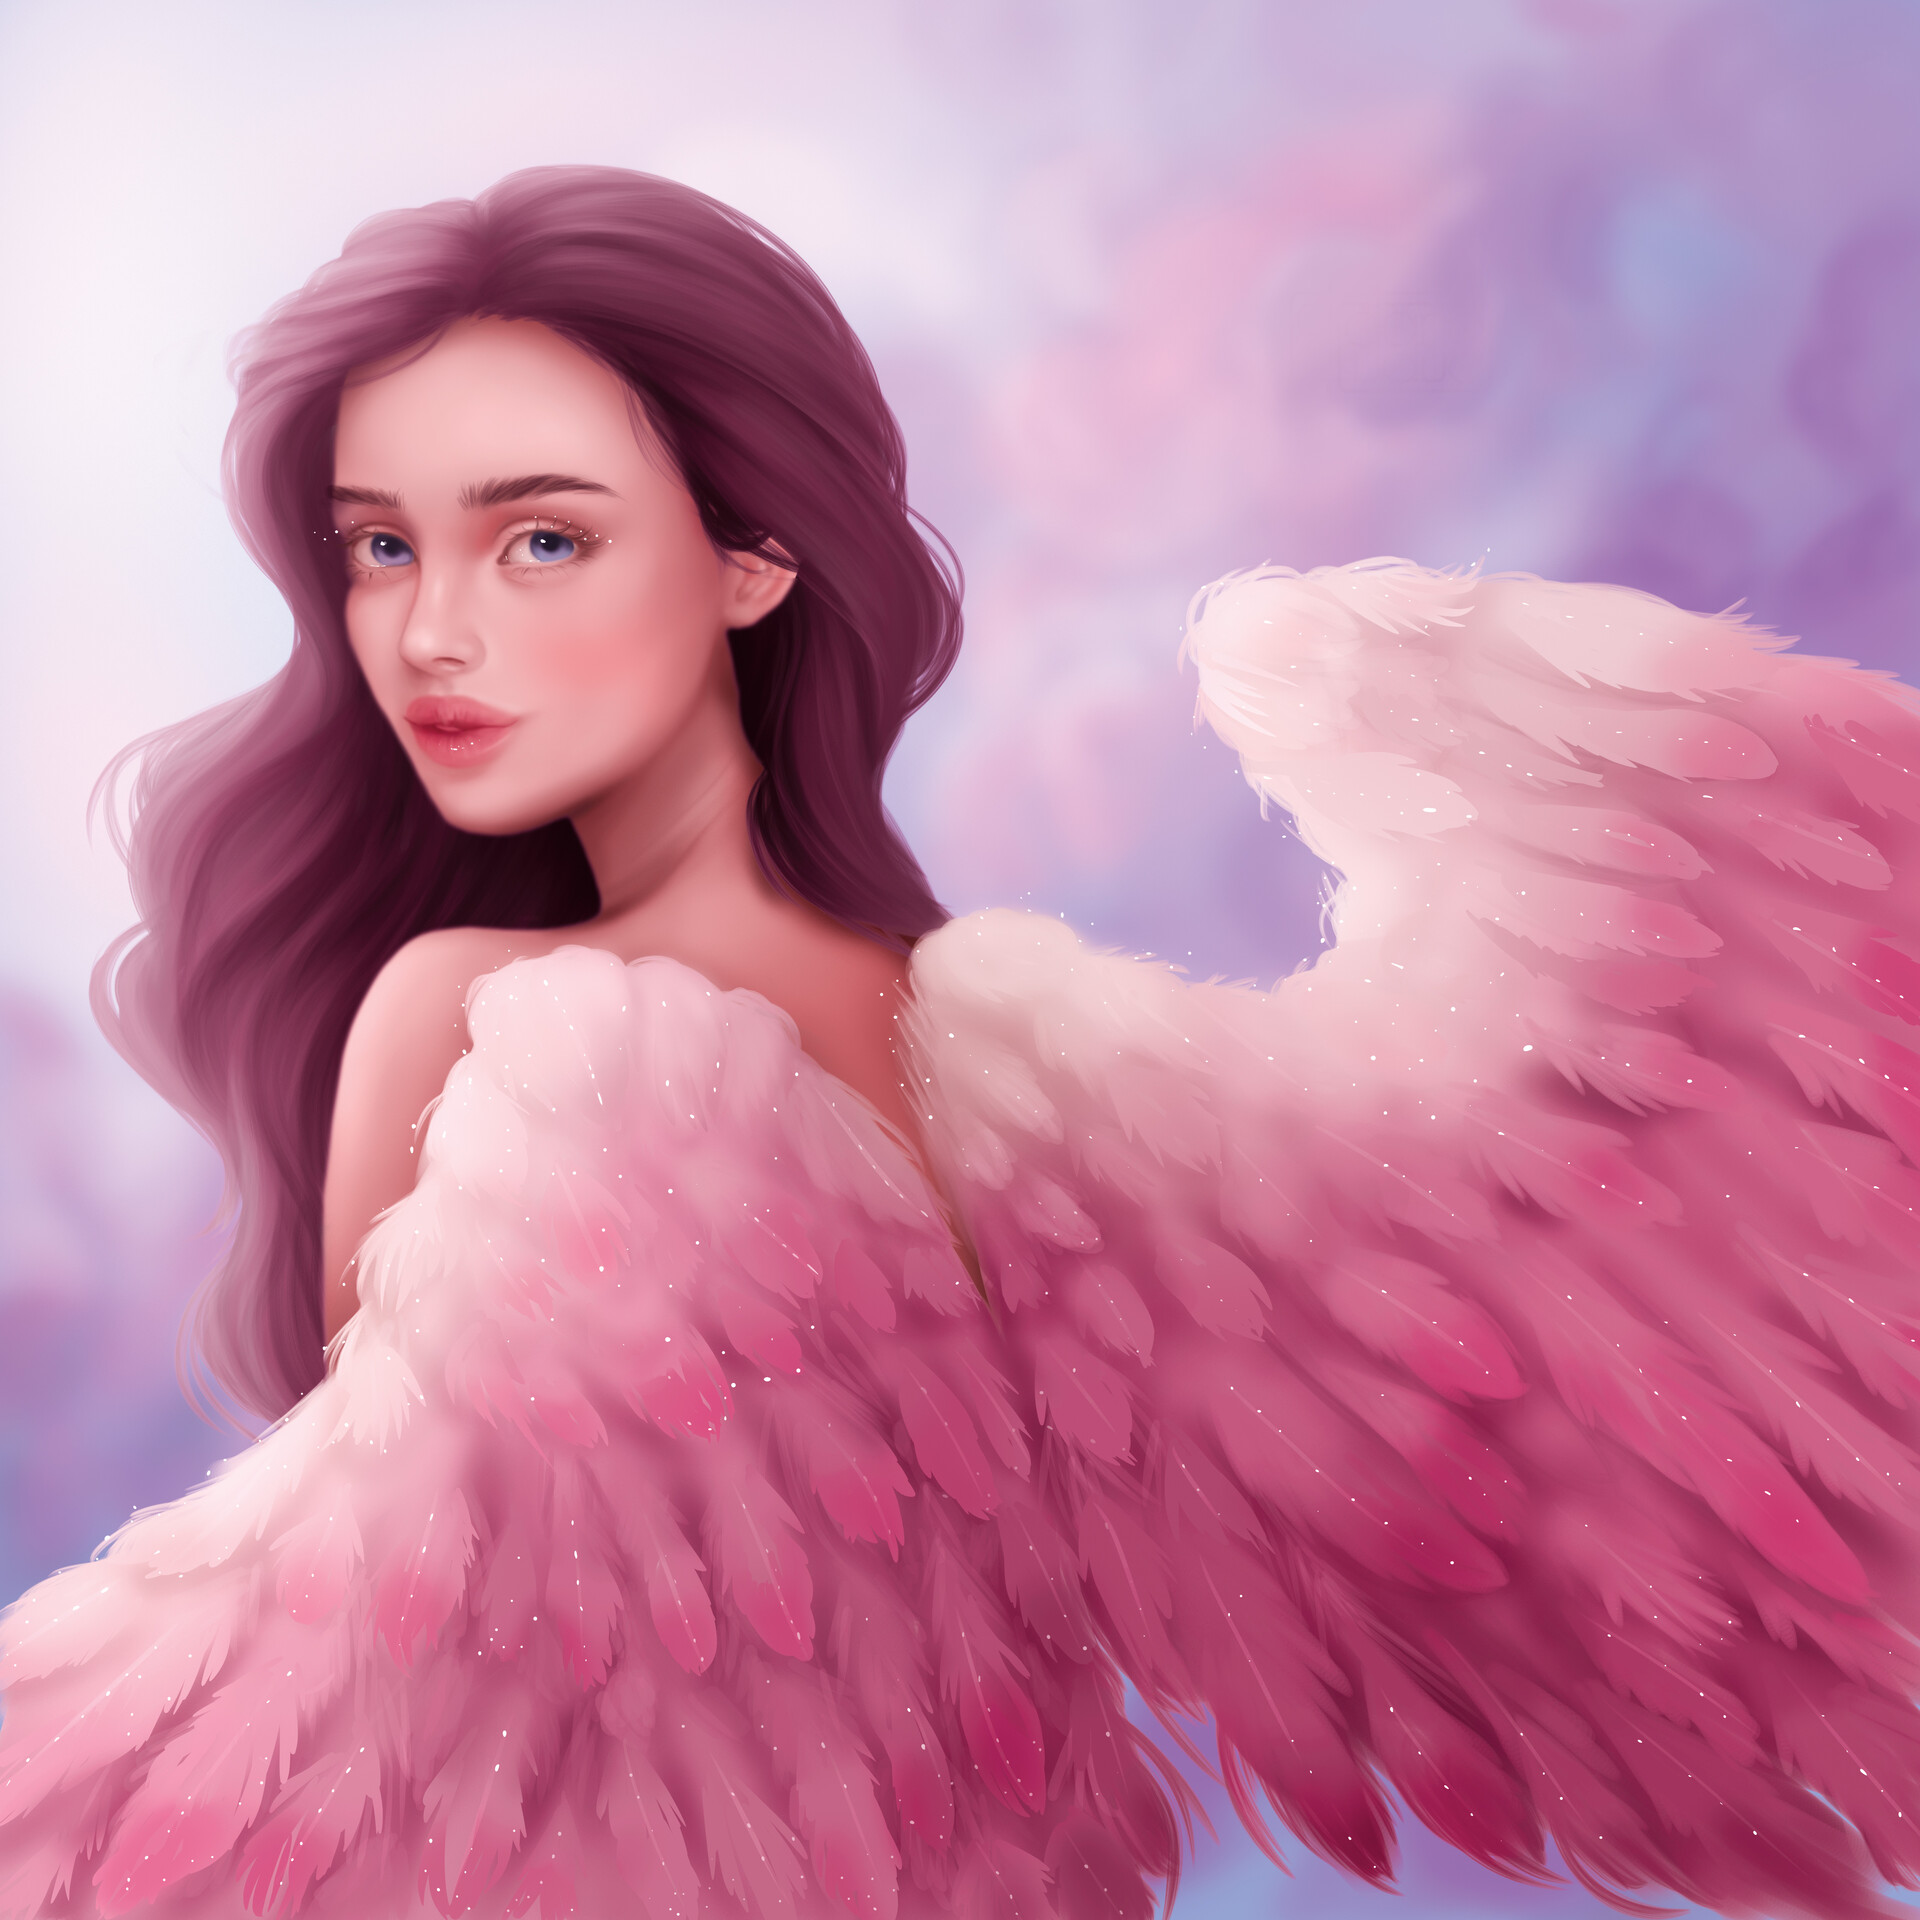 Картинки девушек с крыльями нарисованные